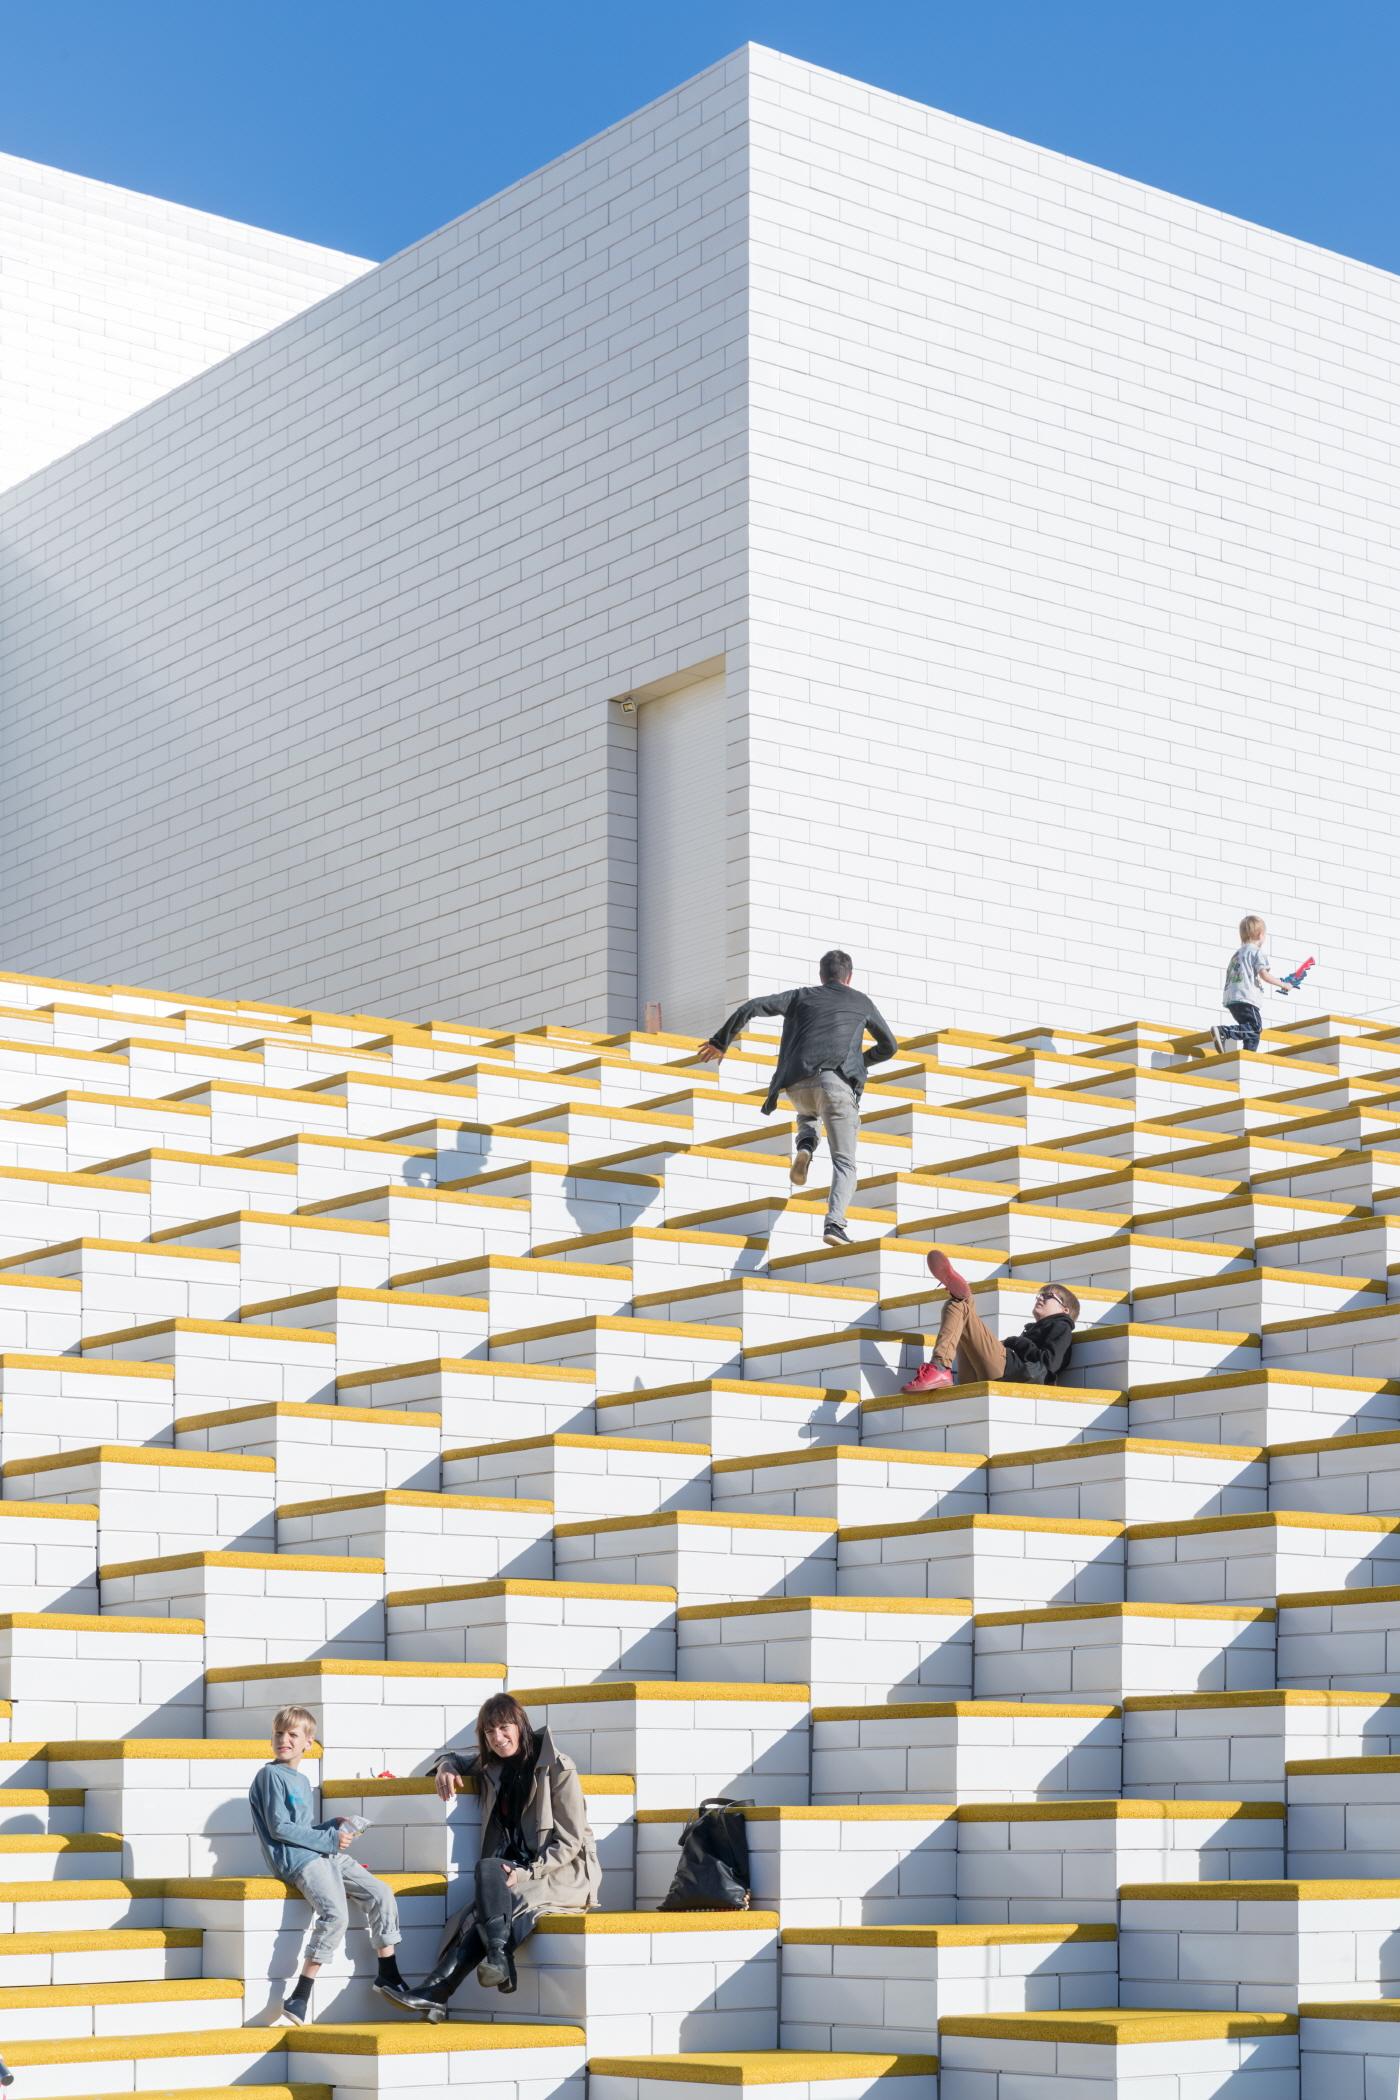 〔안정원의 디자인 칼럼〕 레고 문화의 발전적 미래상을 제시한 열린 공공 문화센터의 장 3